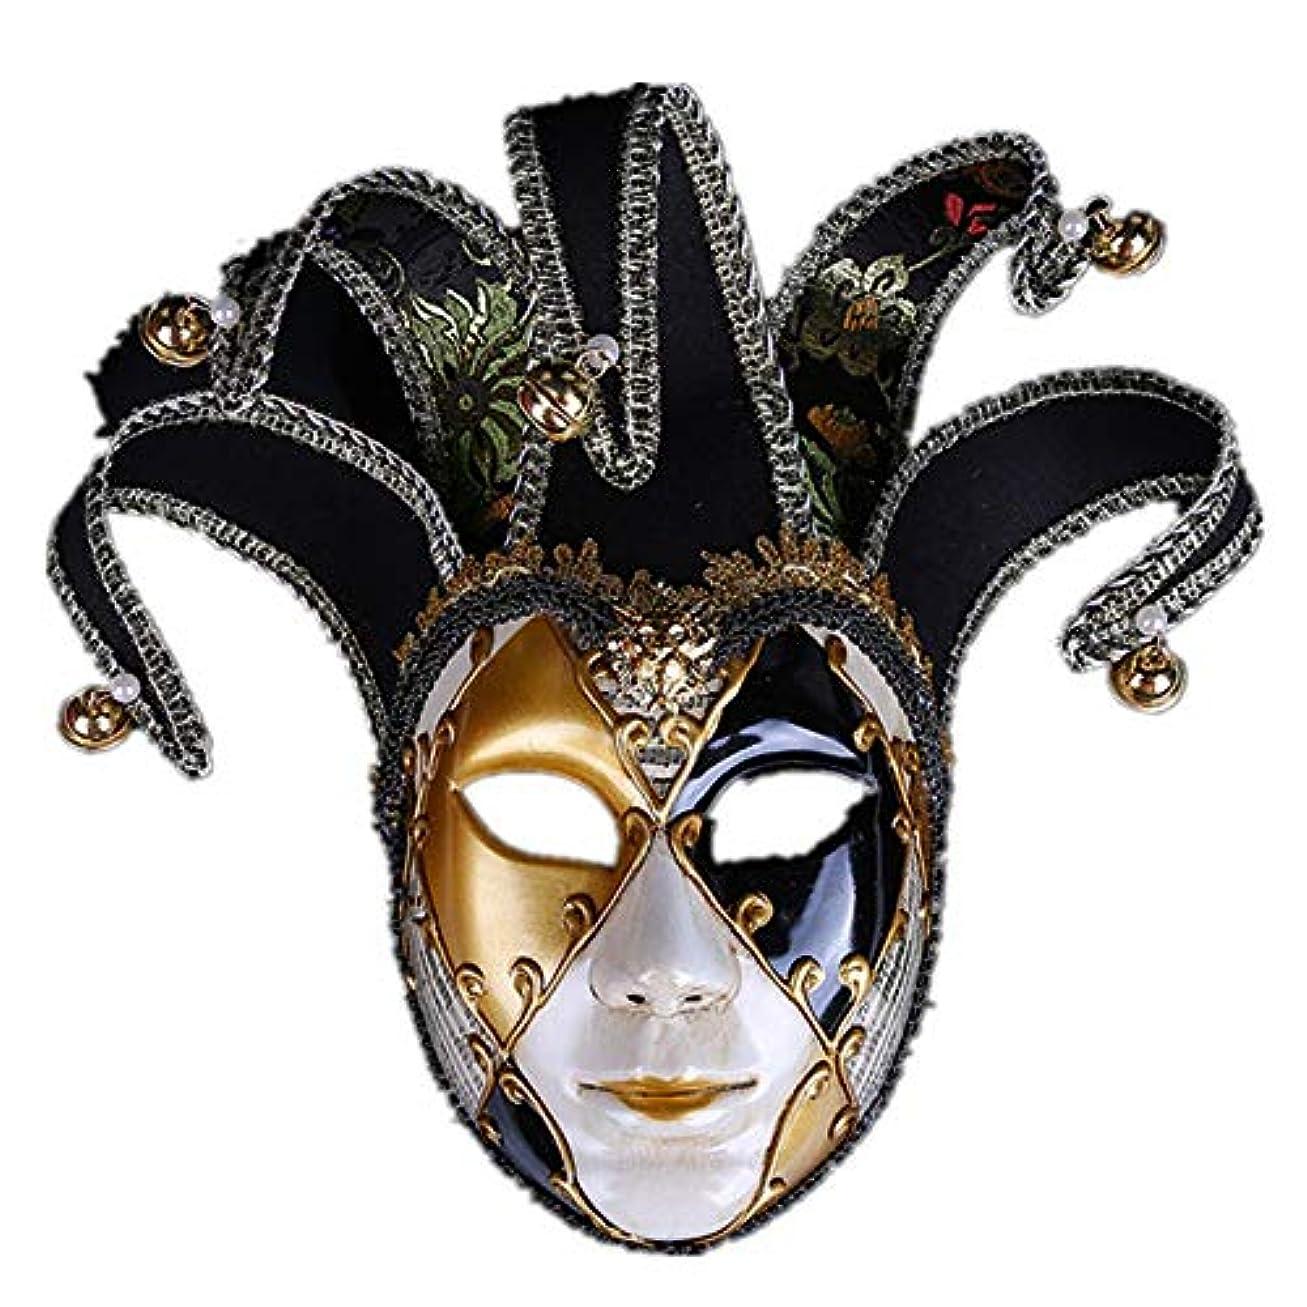 未使用例外レンダーダンスマスク ハロウィーンパフォーマンスパフォーマンスマスクマスカレード雰囲気用品クリスマスホリデーパーティーボールハロウィーンカーニバル パーティーマスク (色 : ブラック, サイズ : 45x15.8cm)